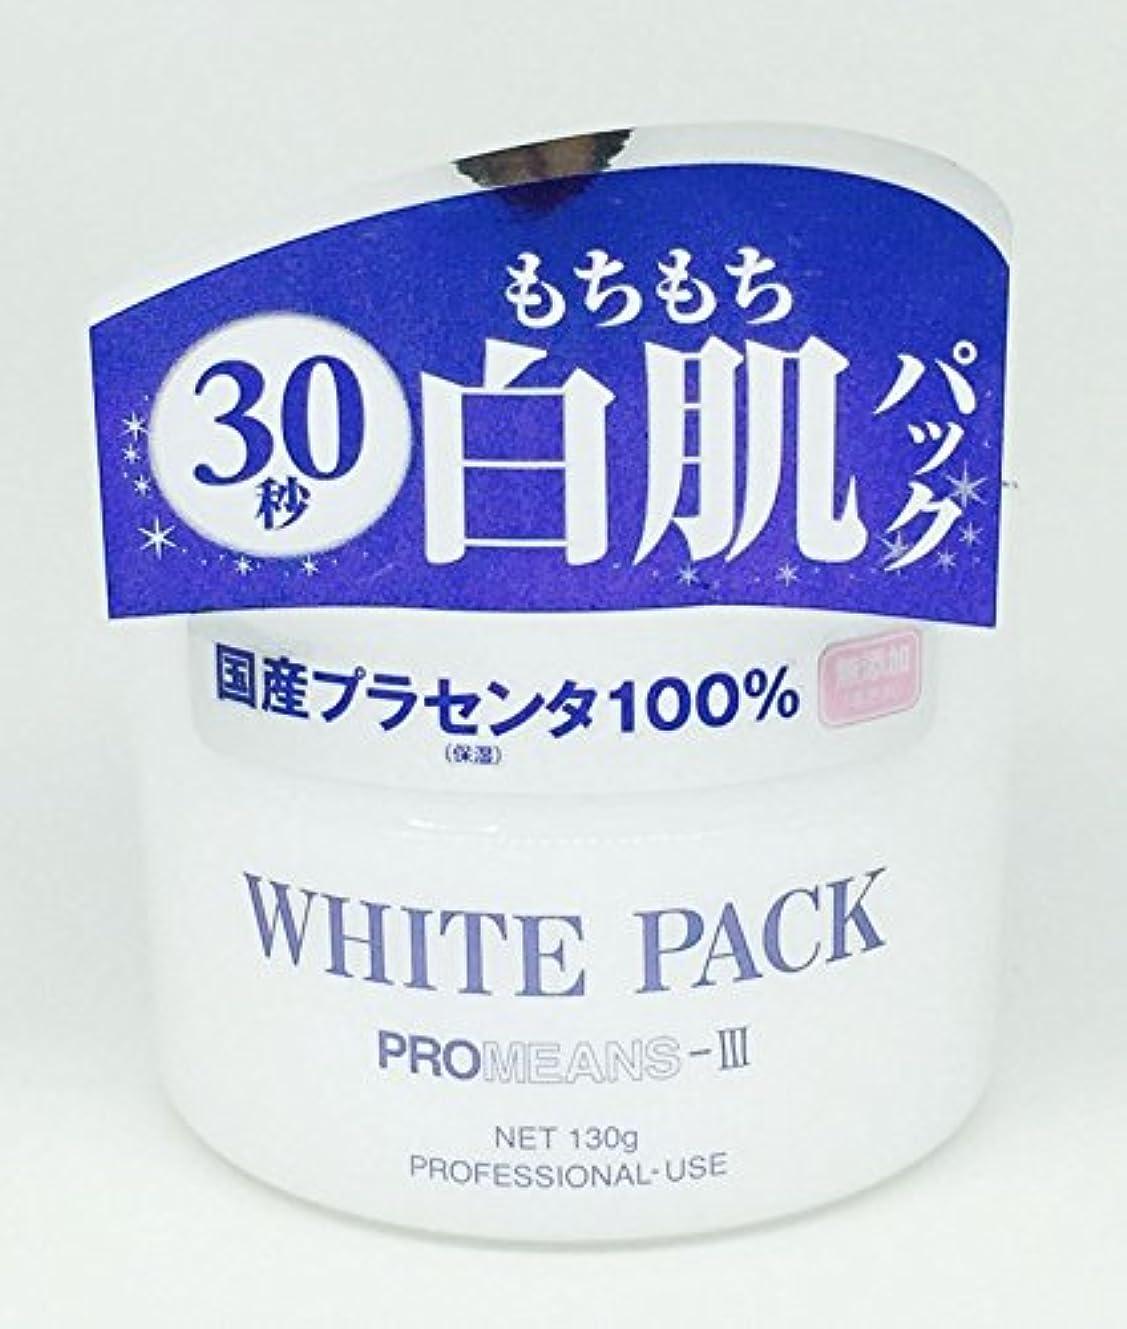 協同思い出取り扱いプロミーンズ3 ホワイトパック 130g